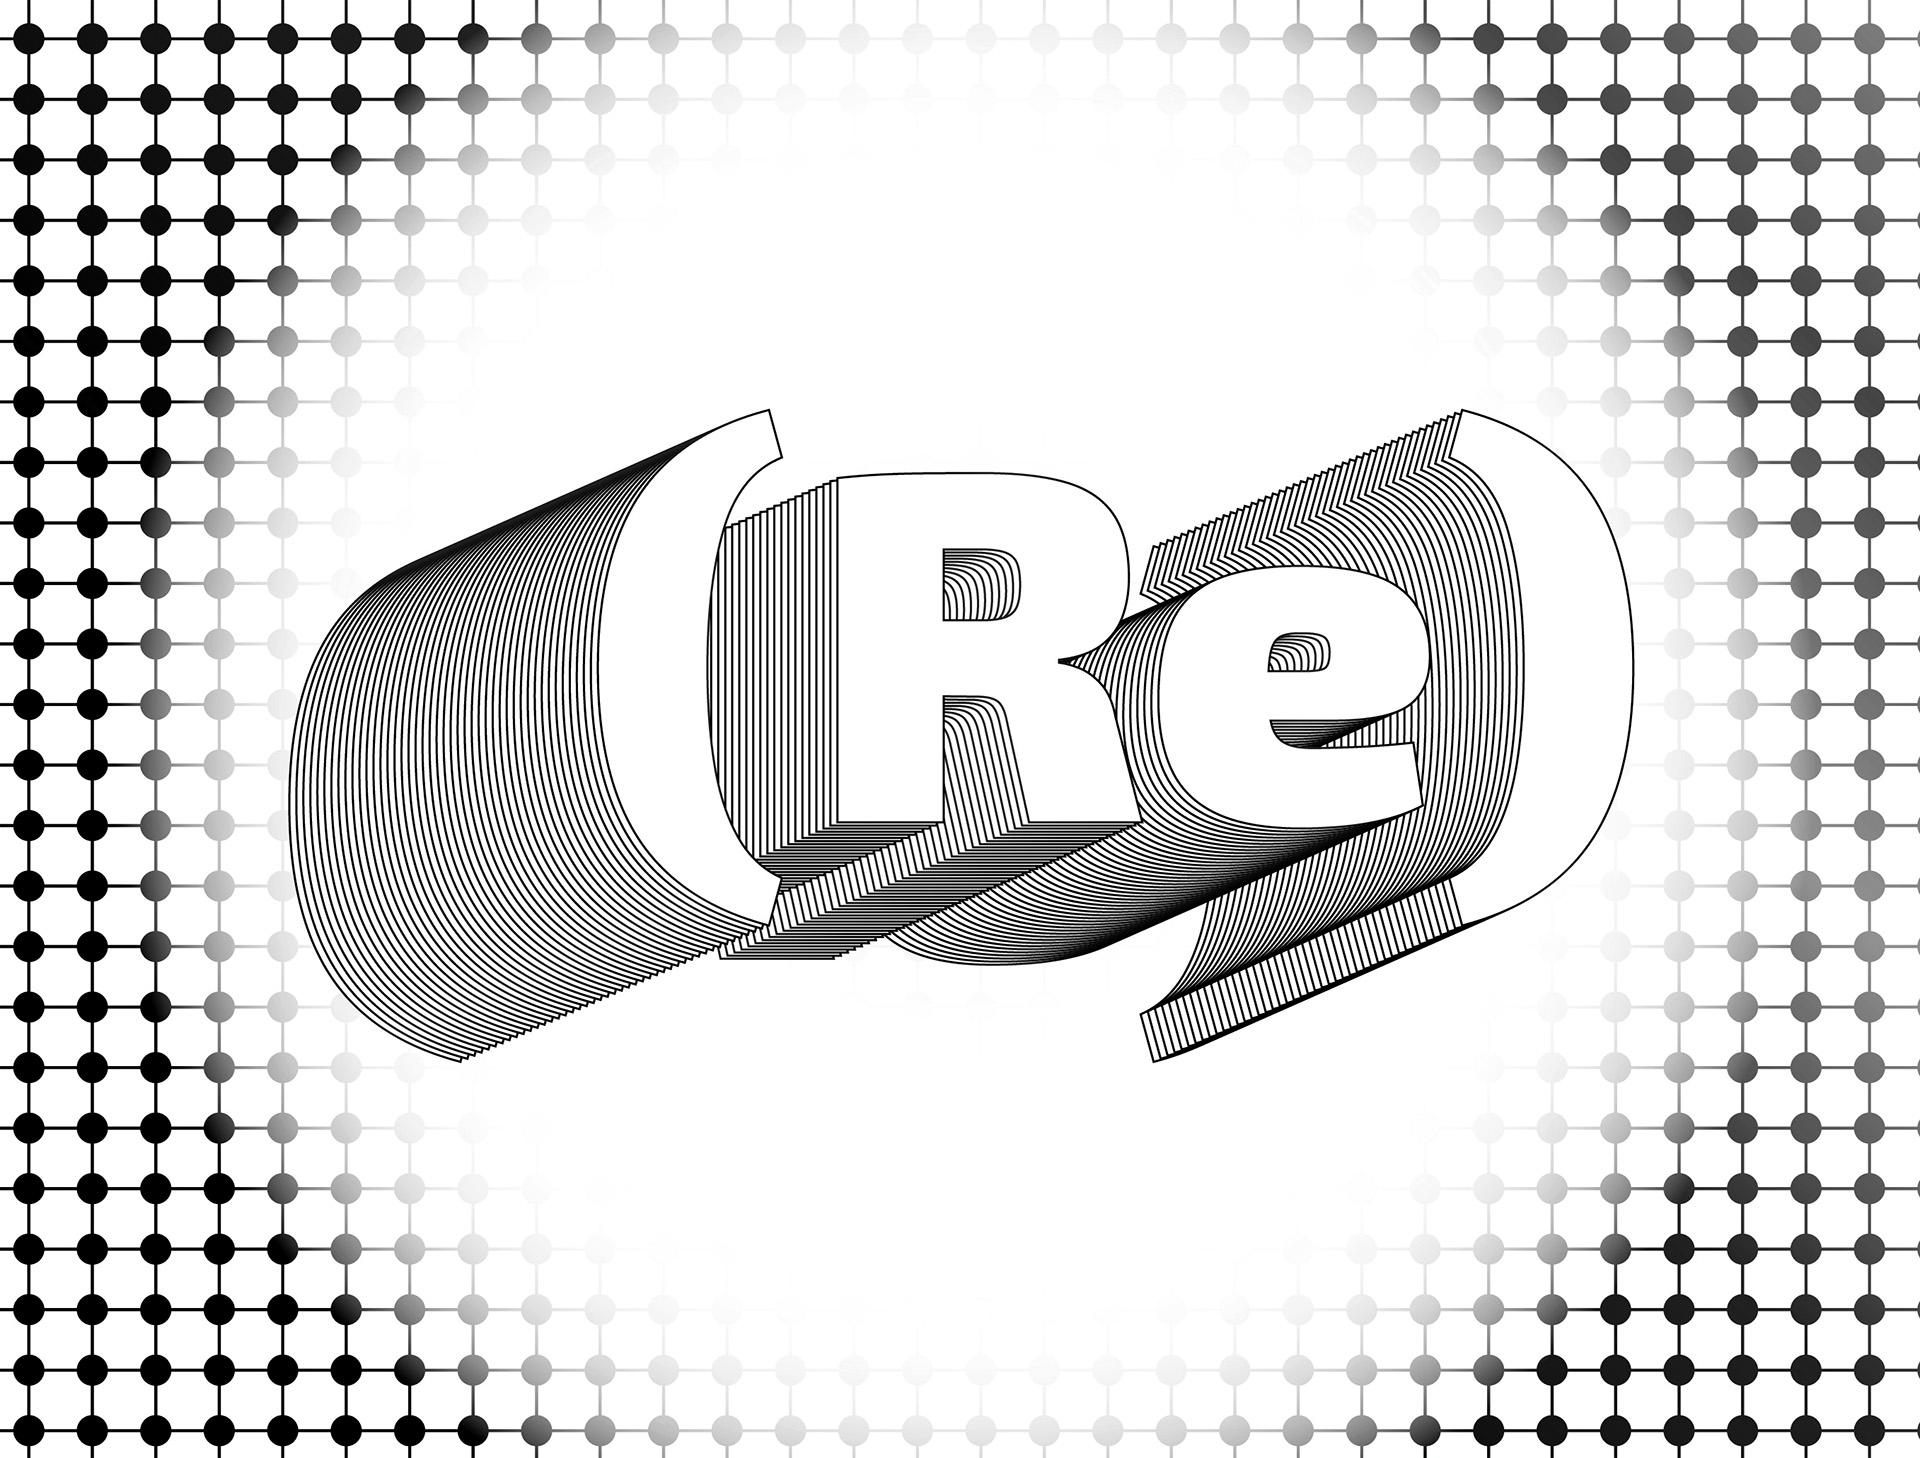 (Re)Concevoir l'expérience employé